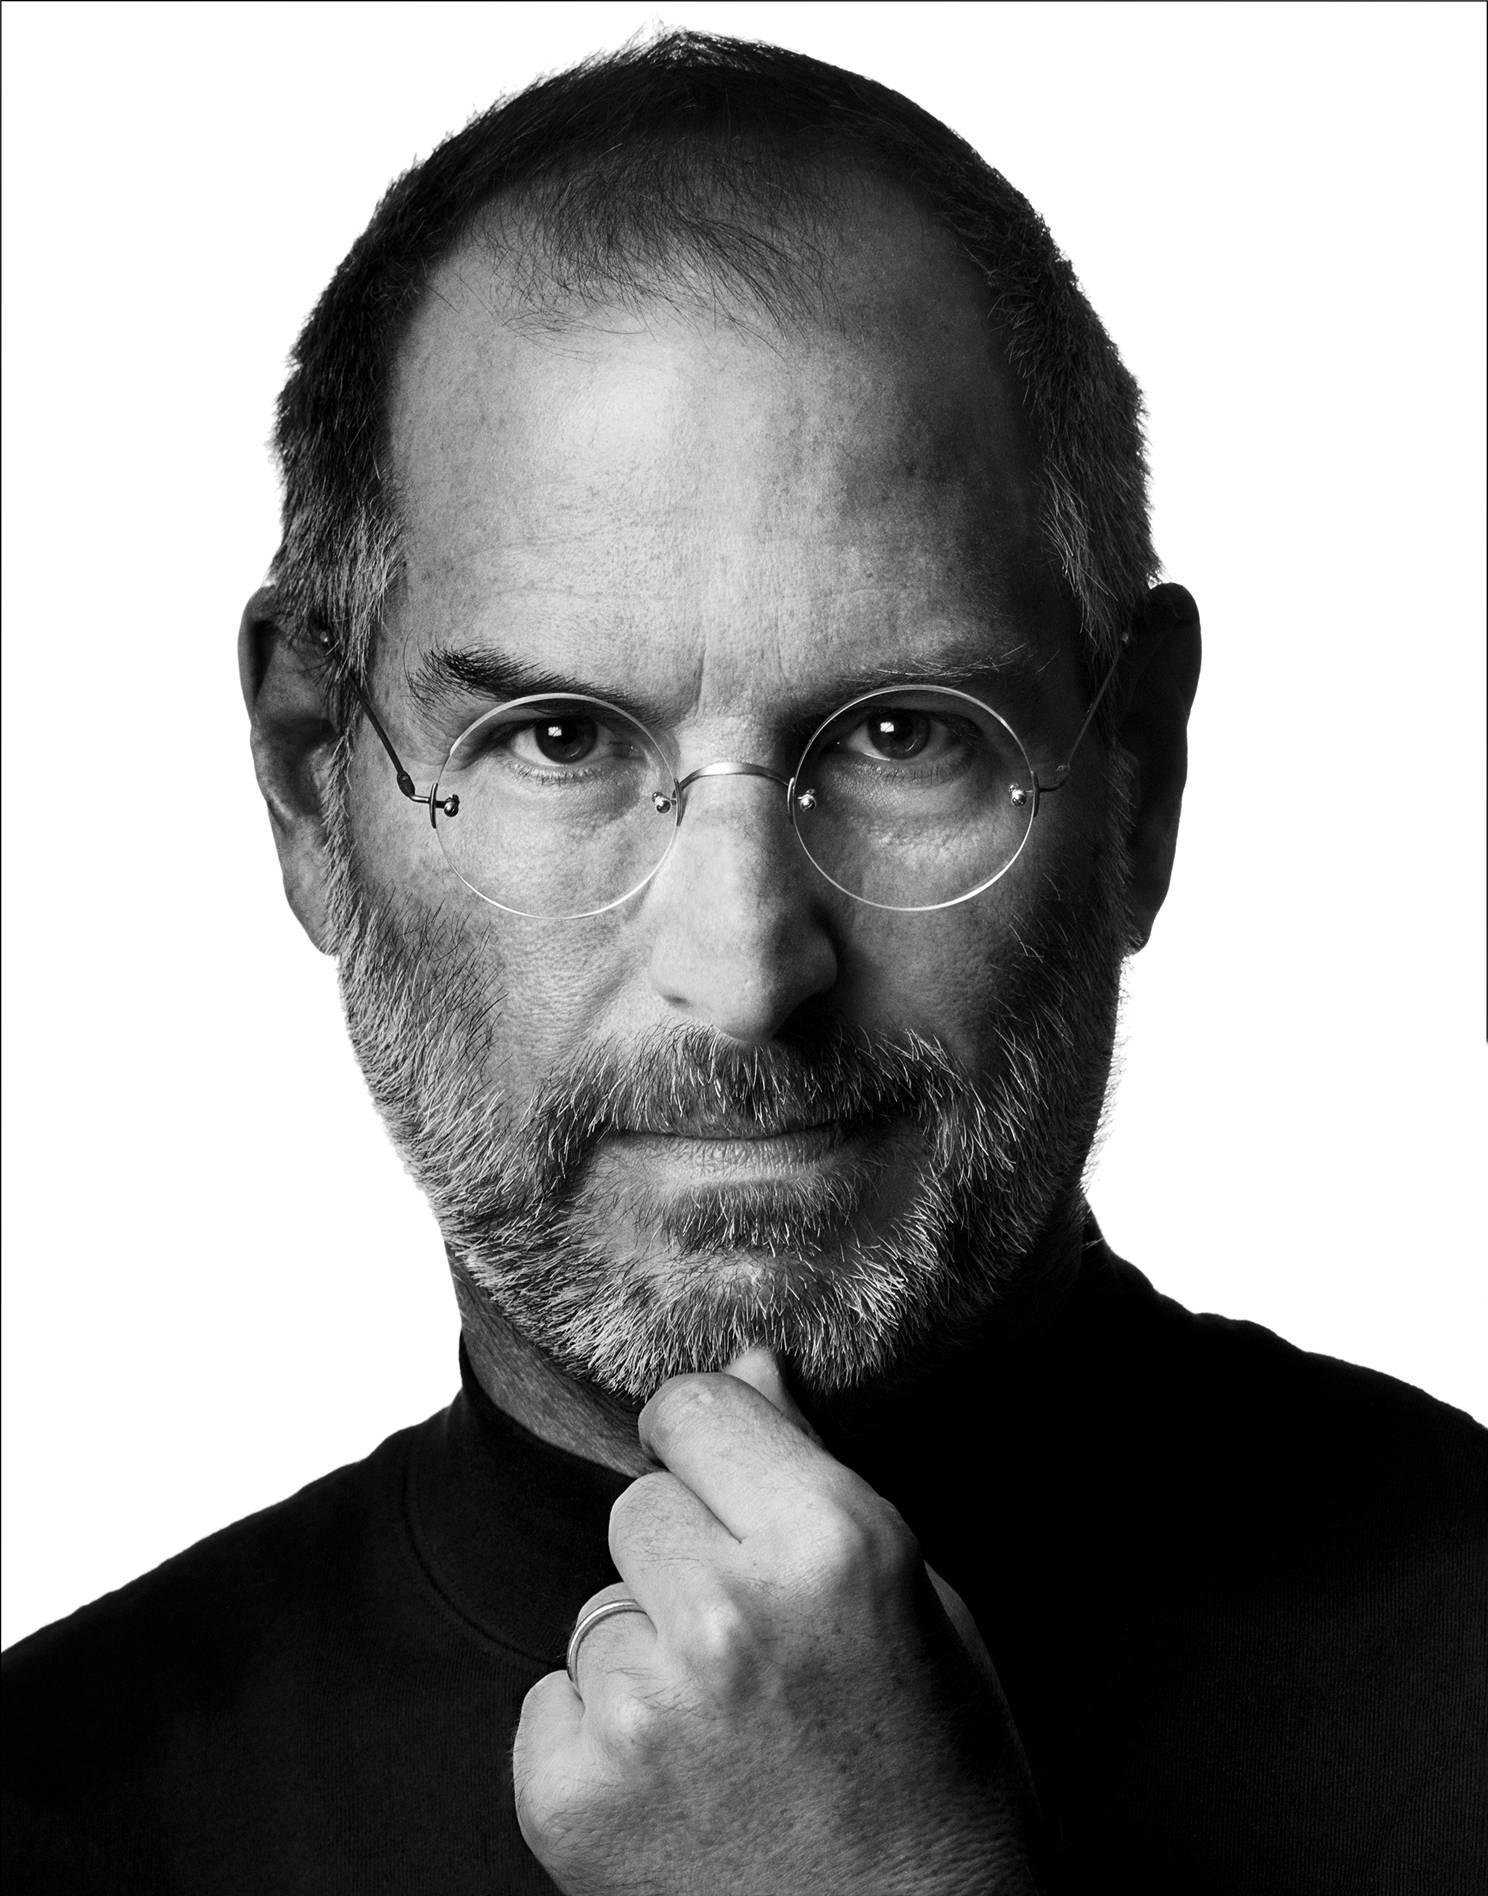 Steve Jobs, même s'il n'utilisait pas le Lean Startup, était un grand innovateur